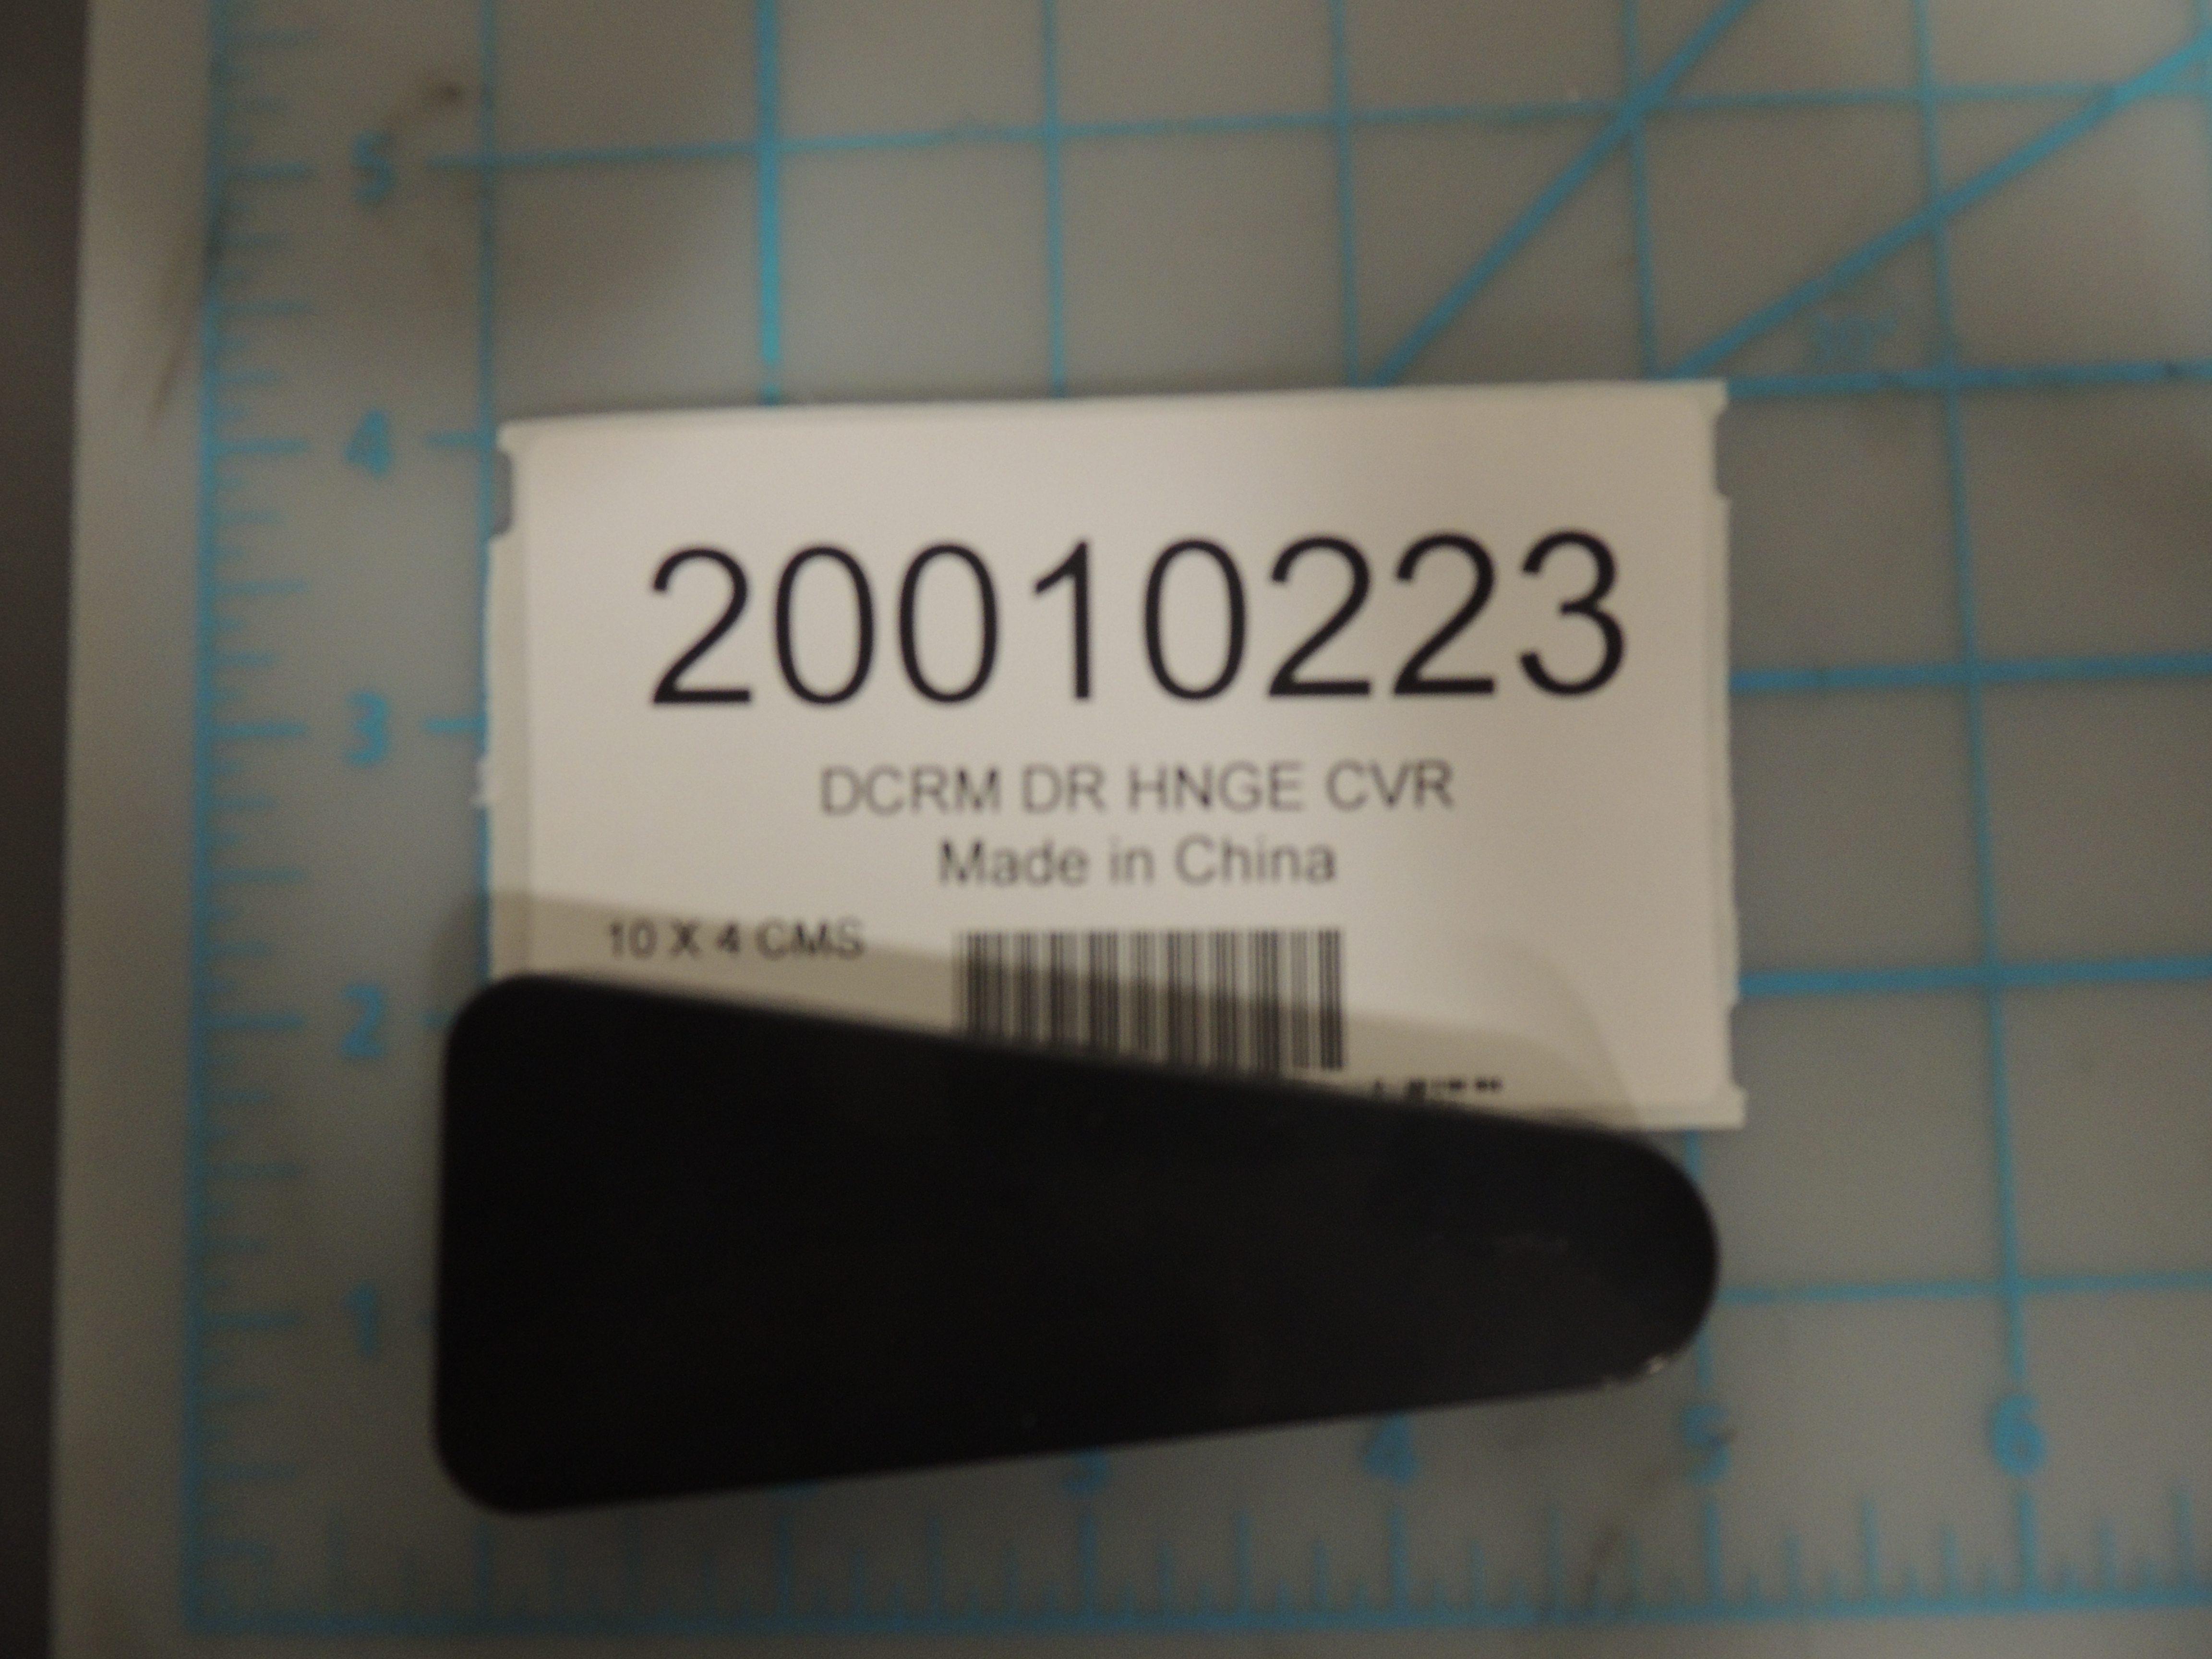 DCRM DR HNGE CVR